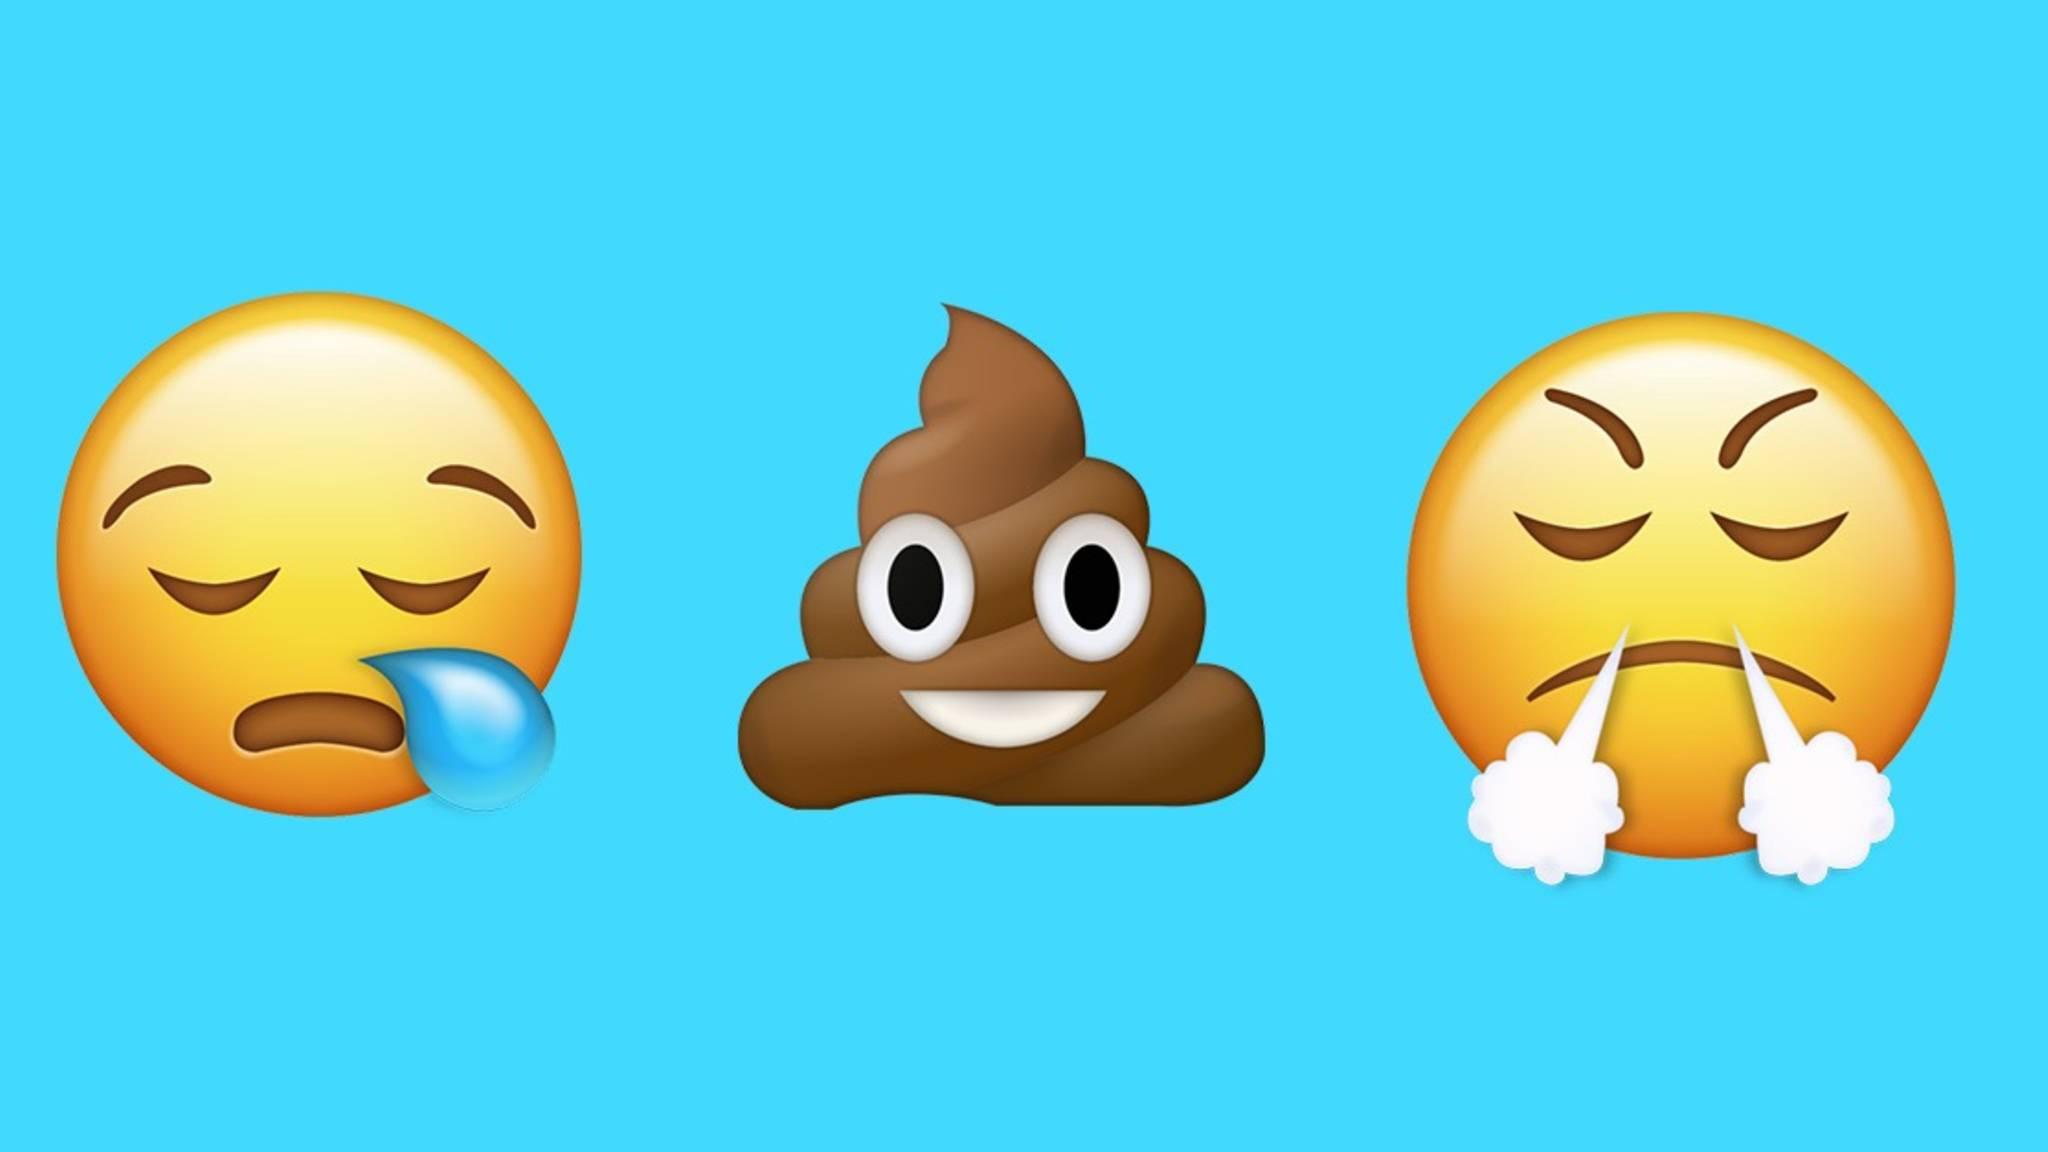 Emojis: So verwendet man diese Smileys richtig